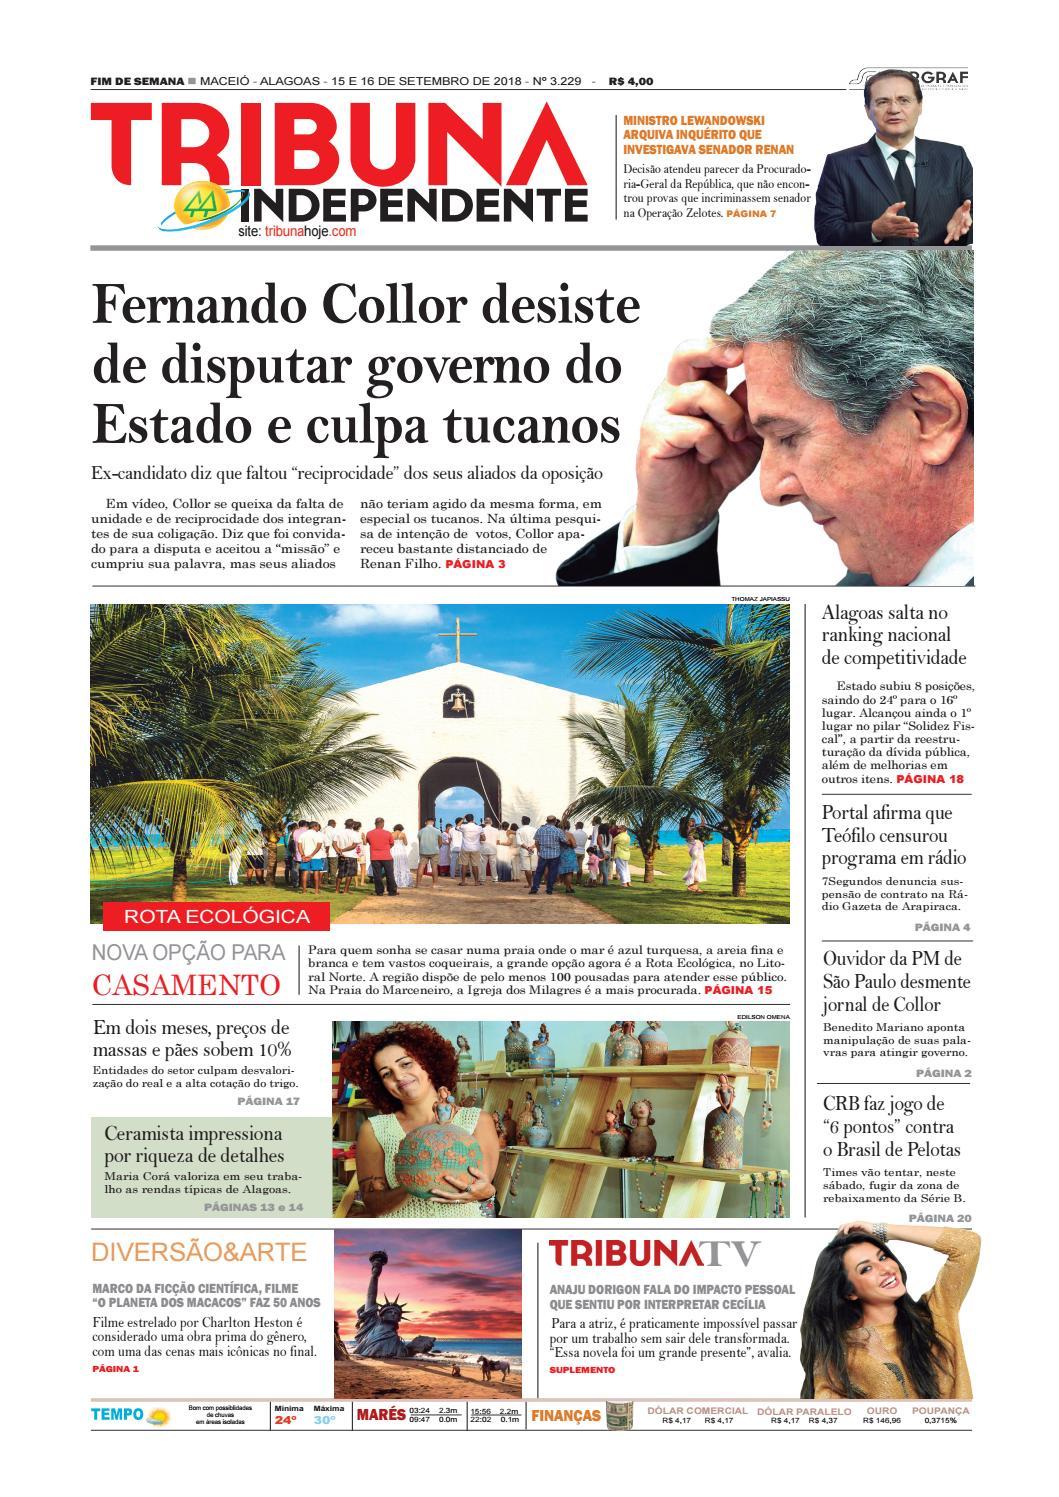 0453d881f Edição número 3229 - 15 e 16 de setembro de 2018 by Tribuna Hoje - issuu